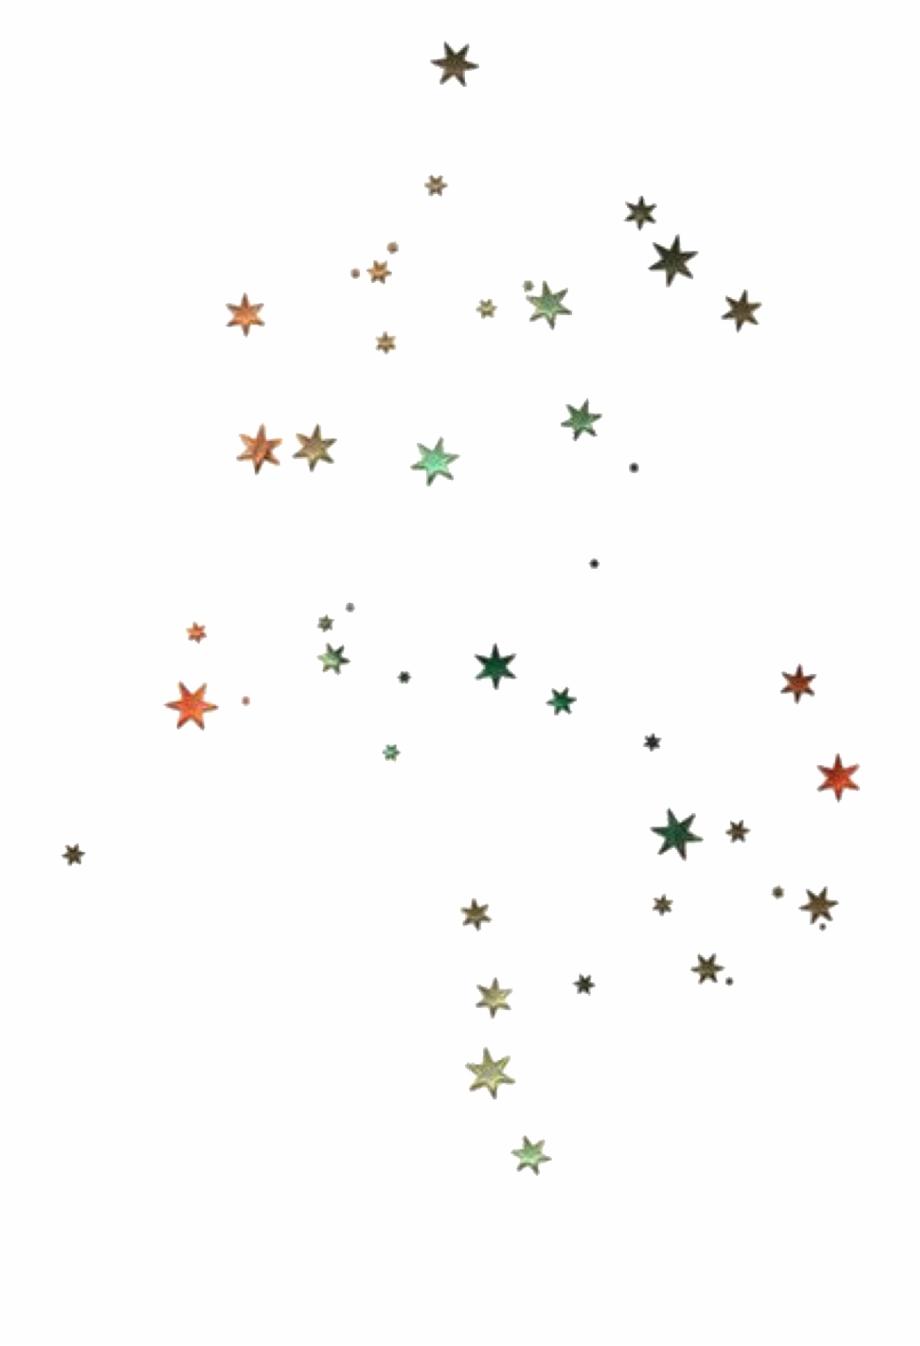 Sticker Stars Scatter Scattered Glitter Tumblr Aesthetic.